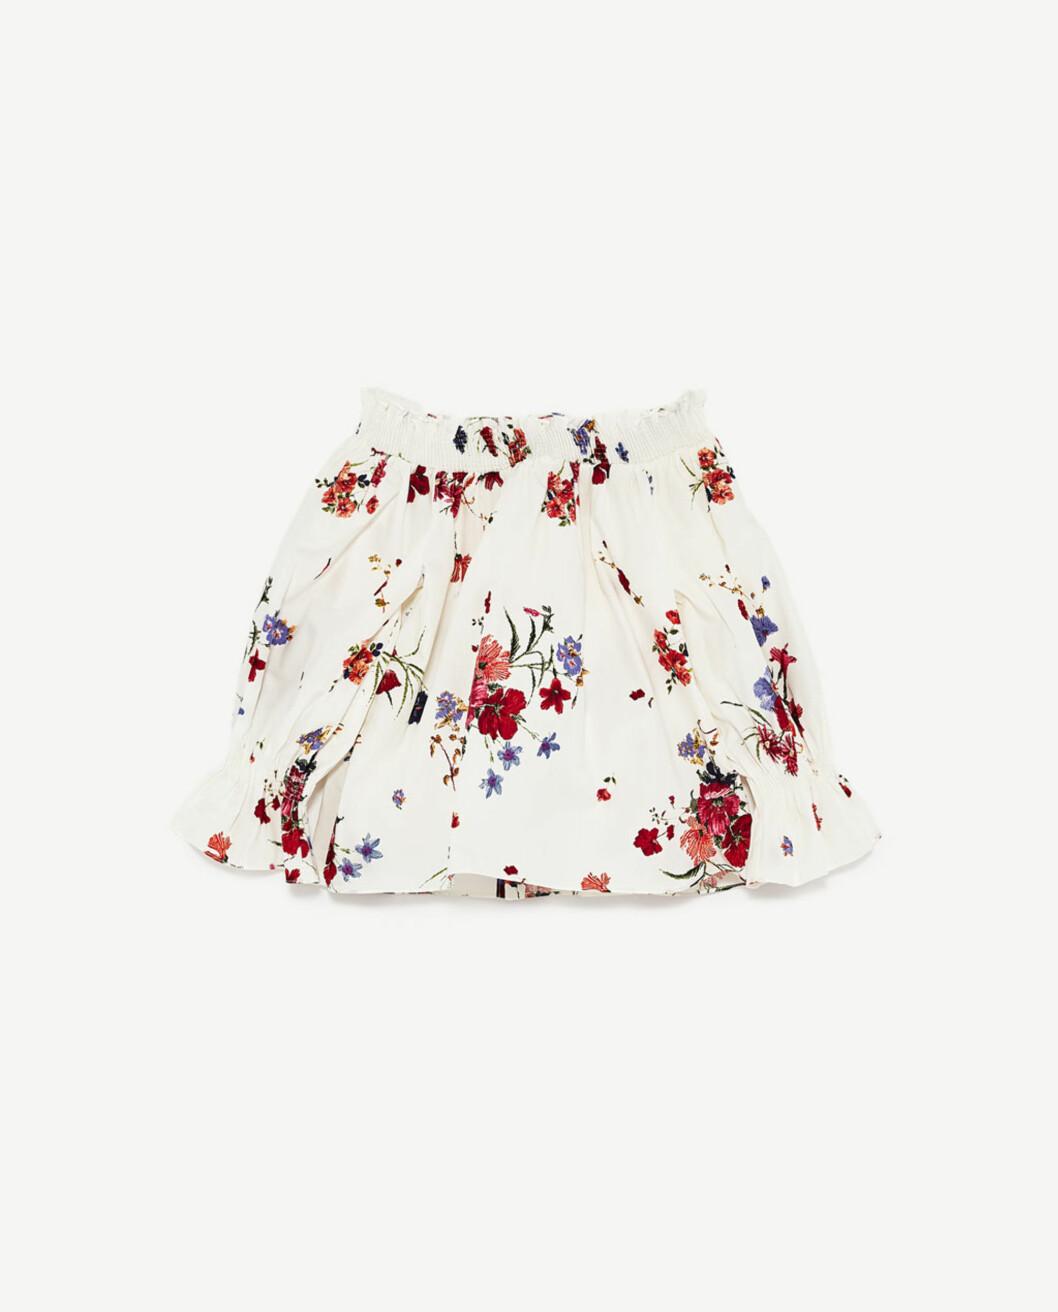 <strong>Off shoulder topp fra Zara | kr 299 | https:</strong>//www.zara.com/no/no/dame/skjorter/se-alle/bluse-med-bare-skuldre-c719021p4617022.html